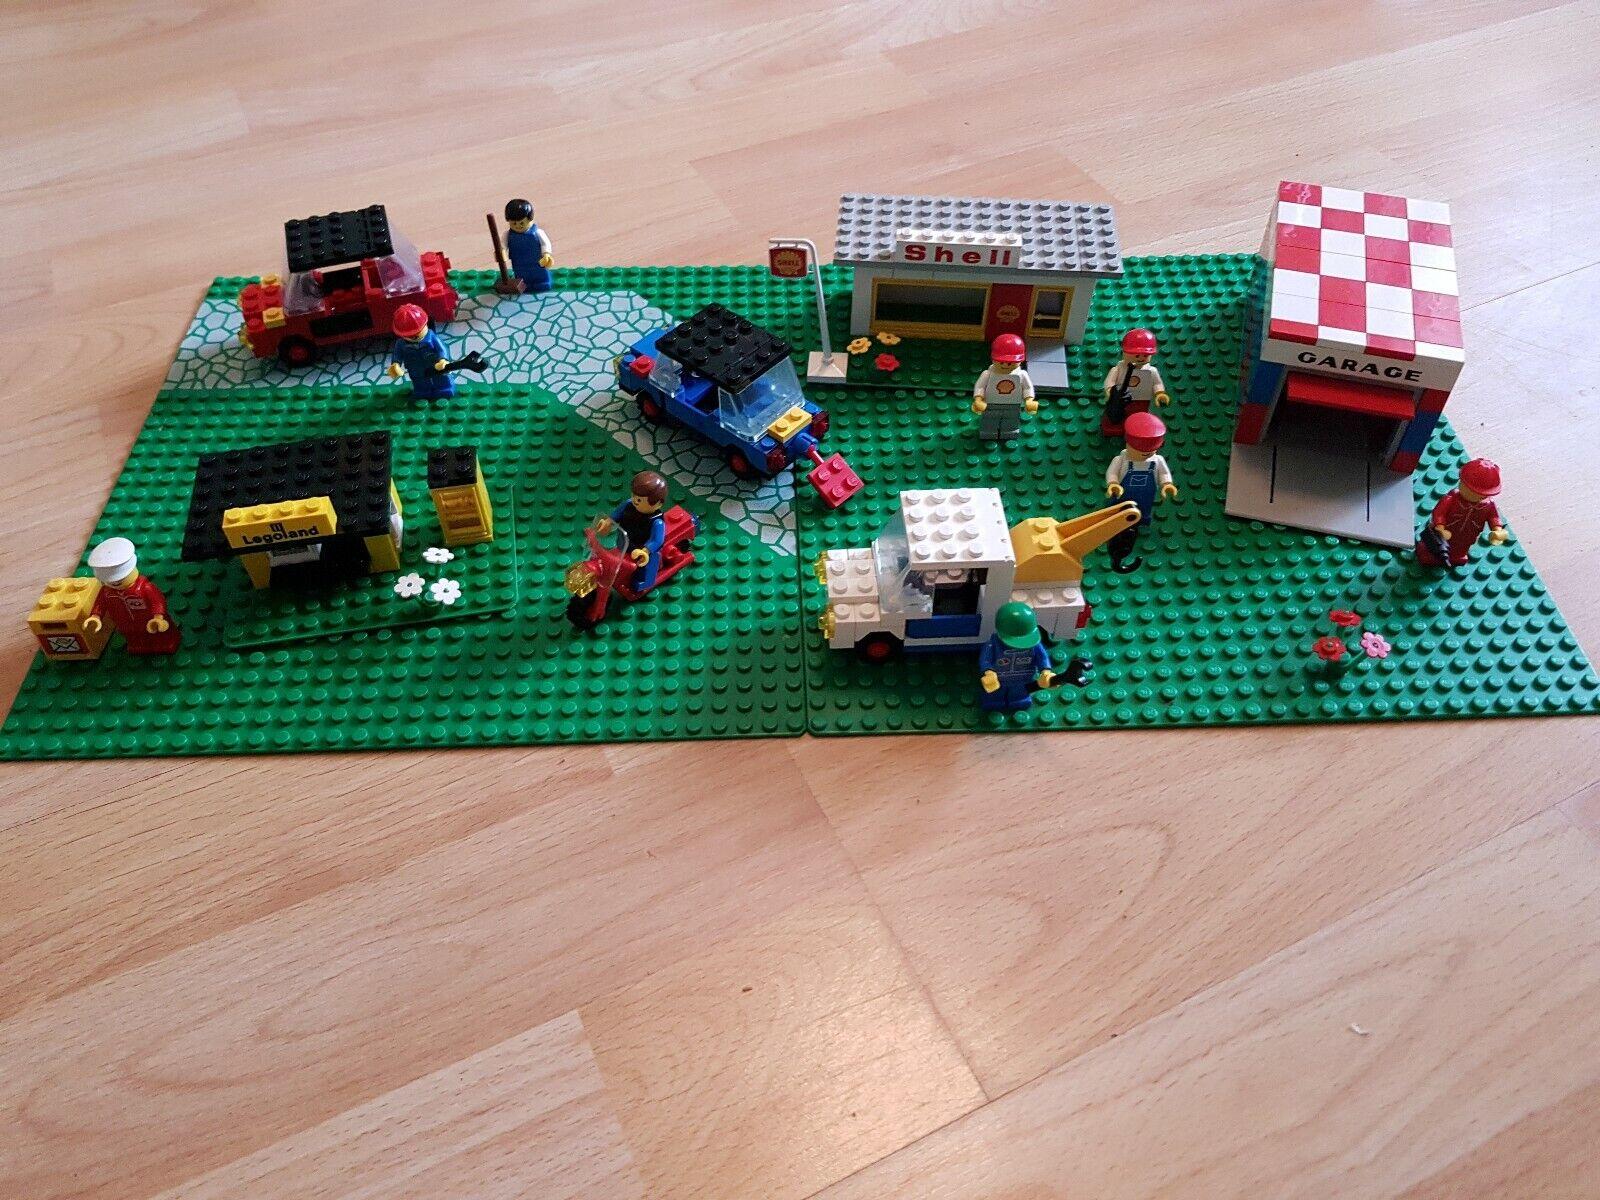 Alte Lego Landschaft mit Lego Garage, Lego Shell Tankstelle und Legolandhäuschen